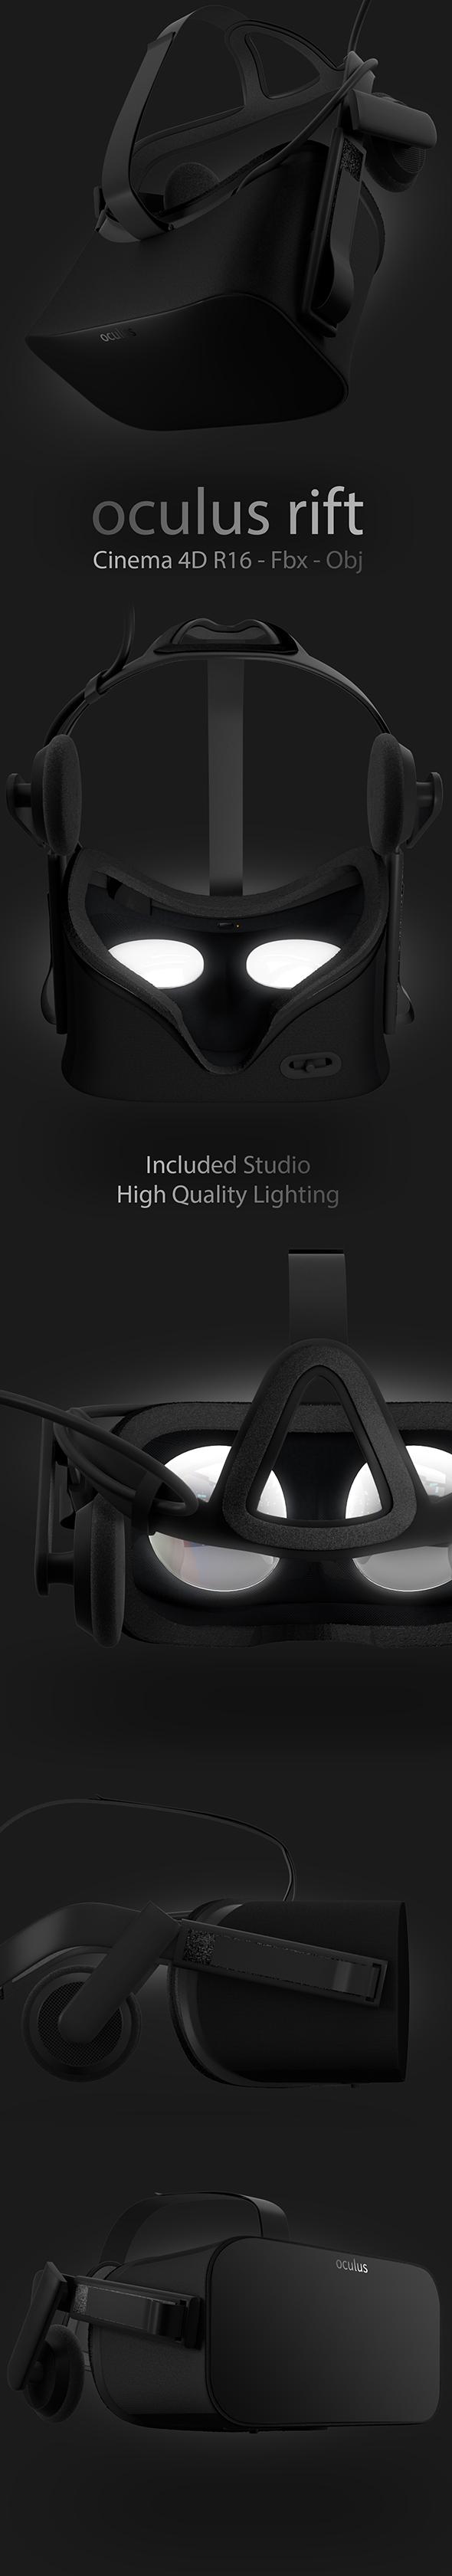 Oculus Rift Headset Model - 3DOcean Item for Sale